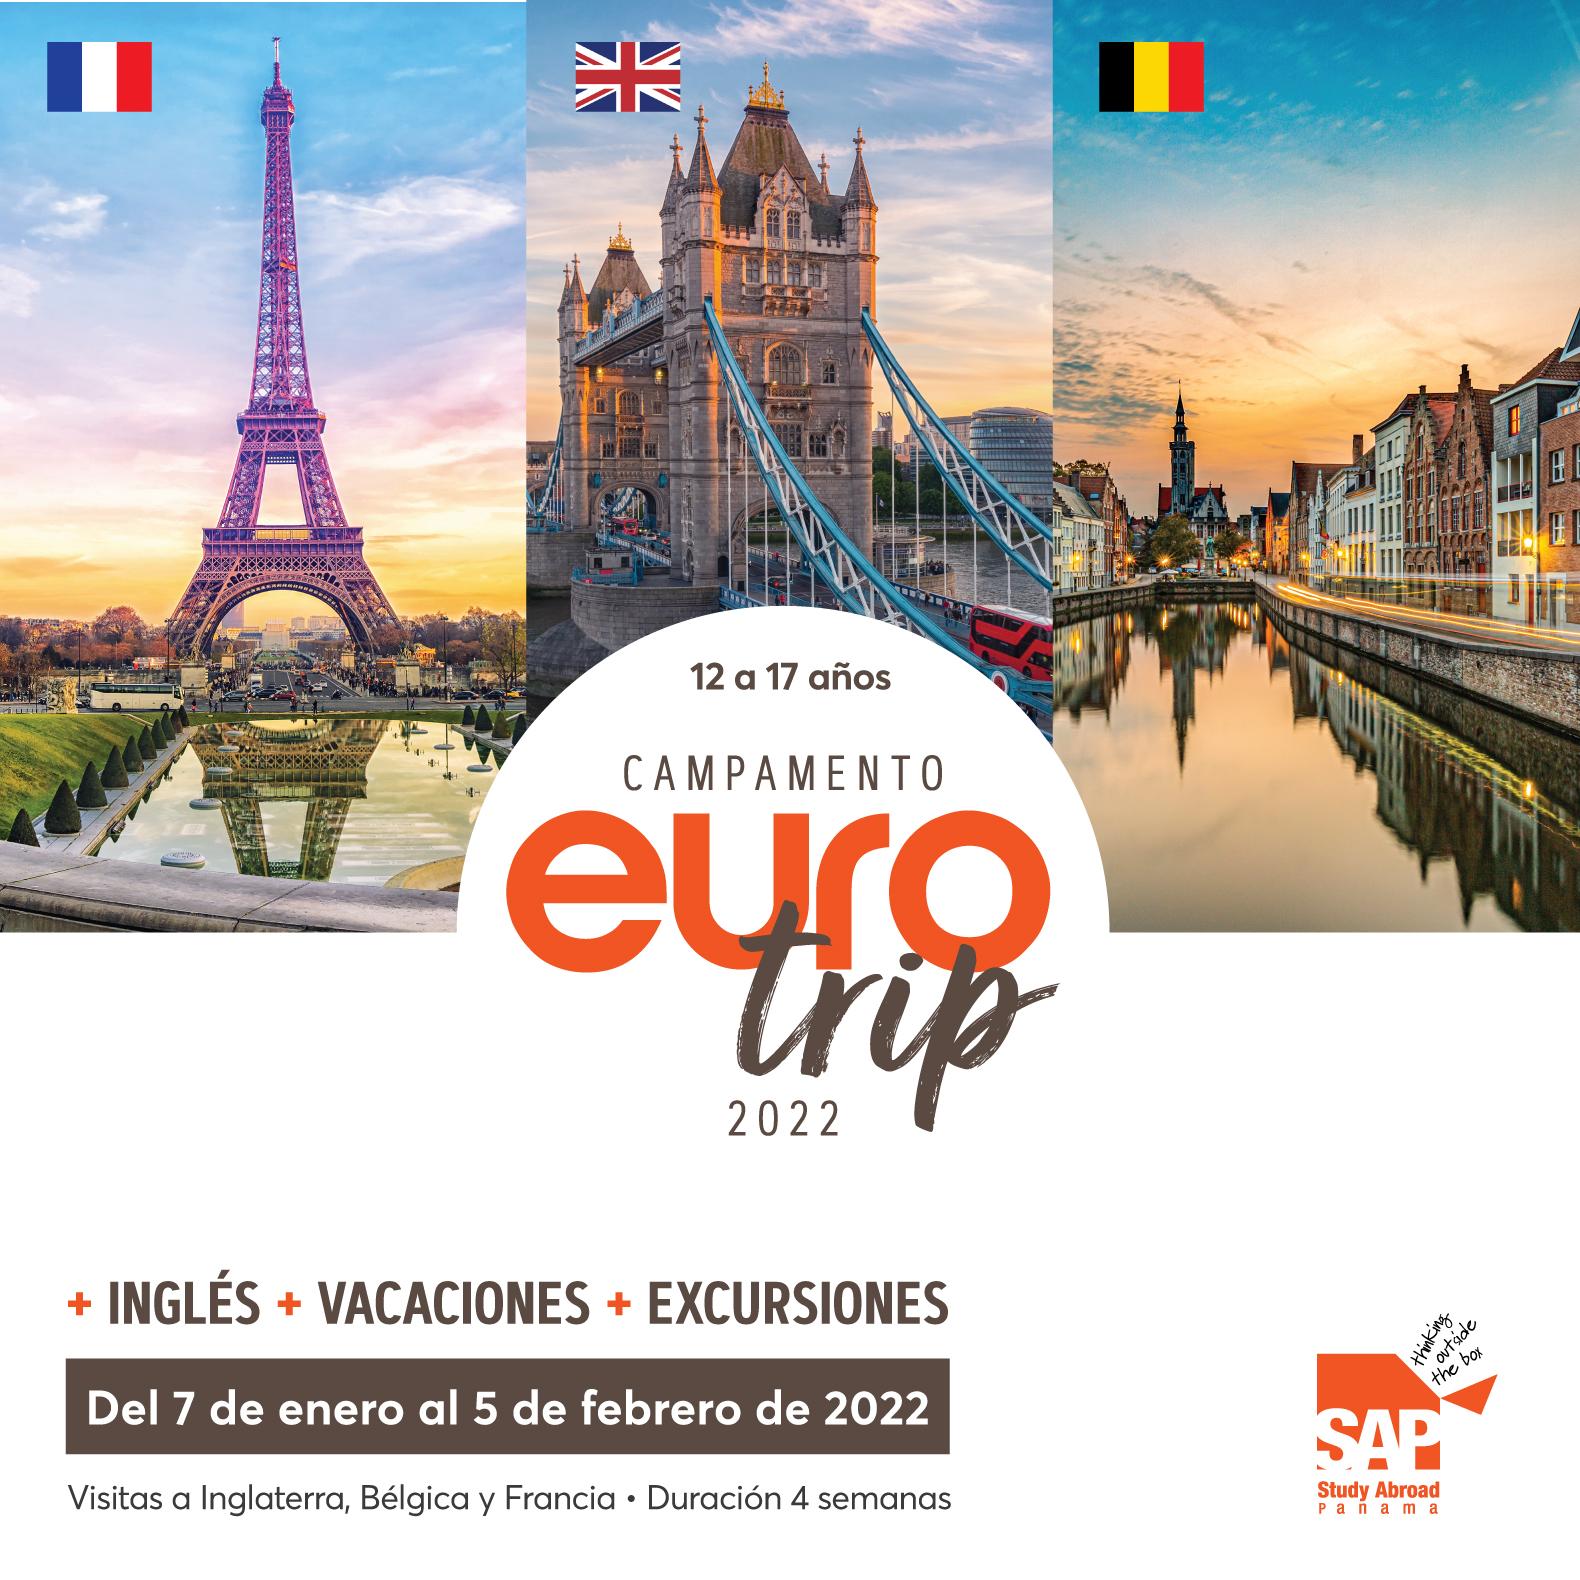 SAP_CampWEB_eurotrip_2022